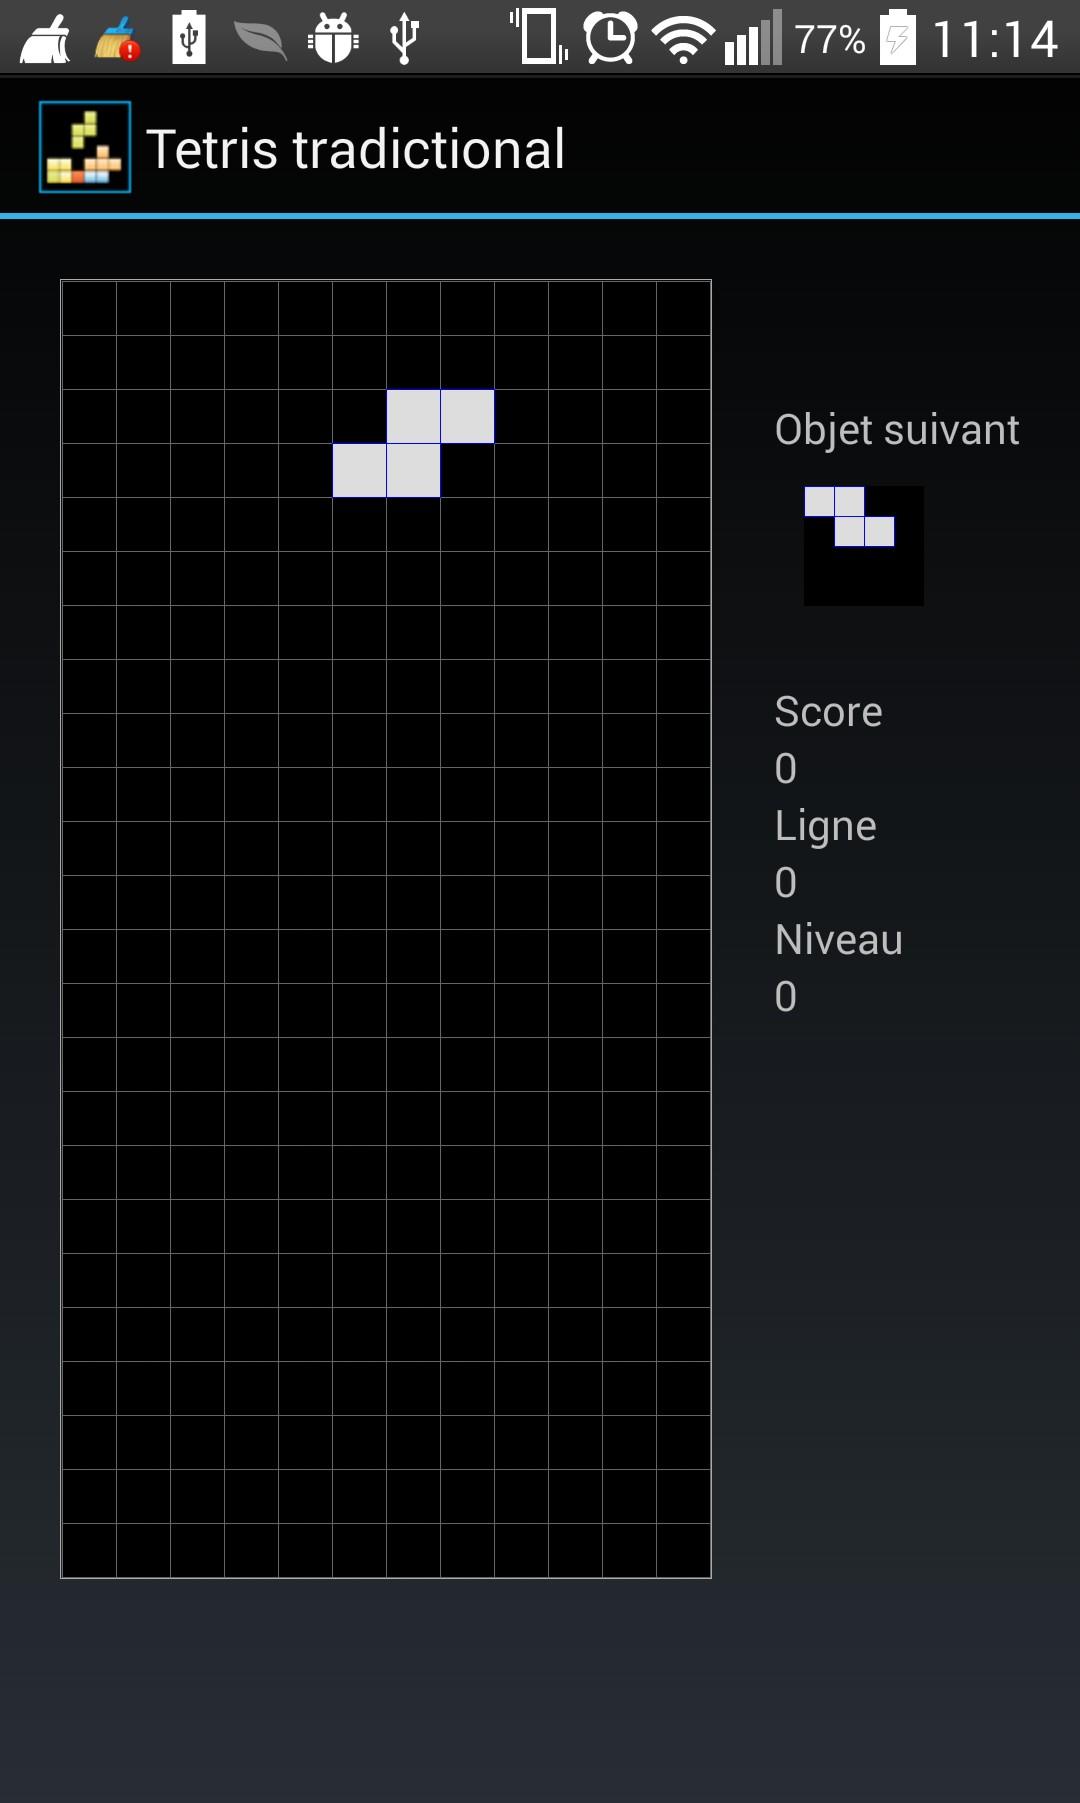 VTI Tetris traditionel